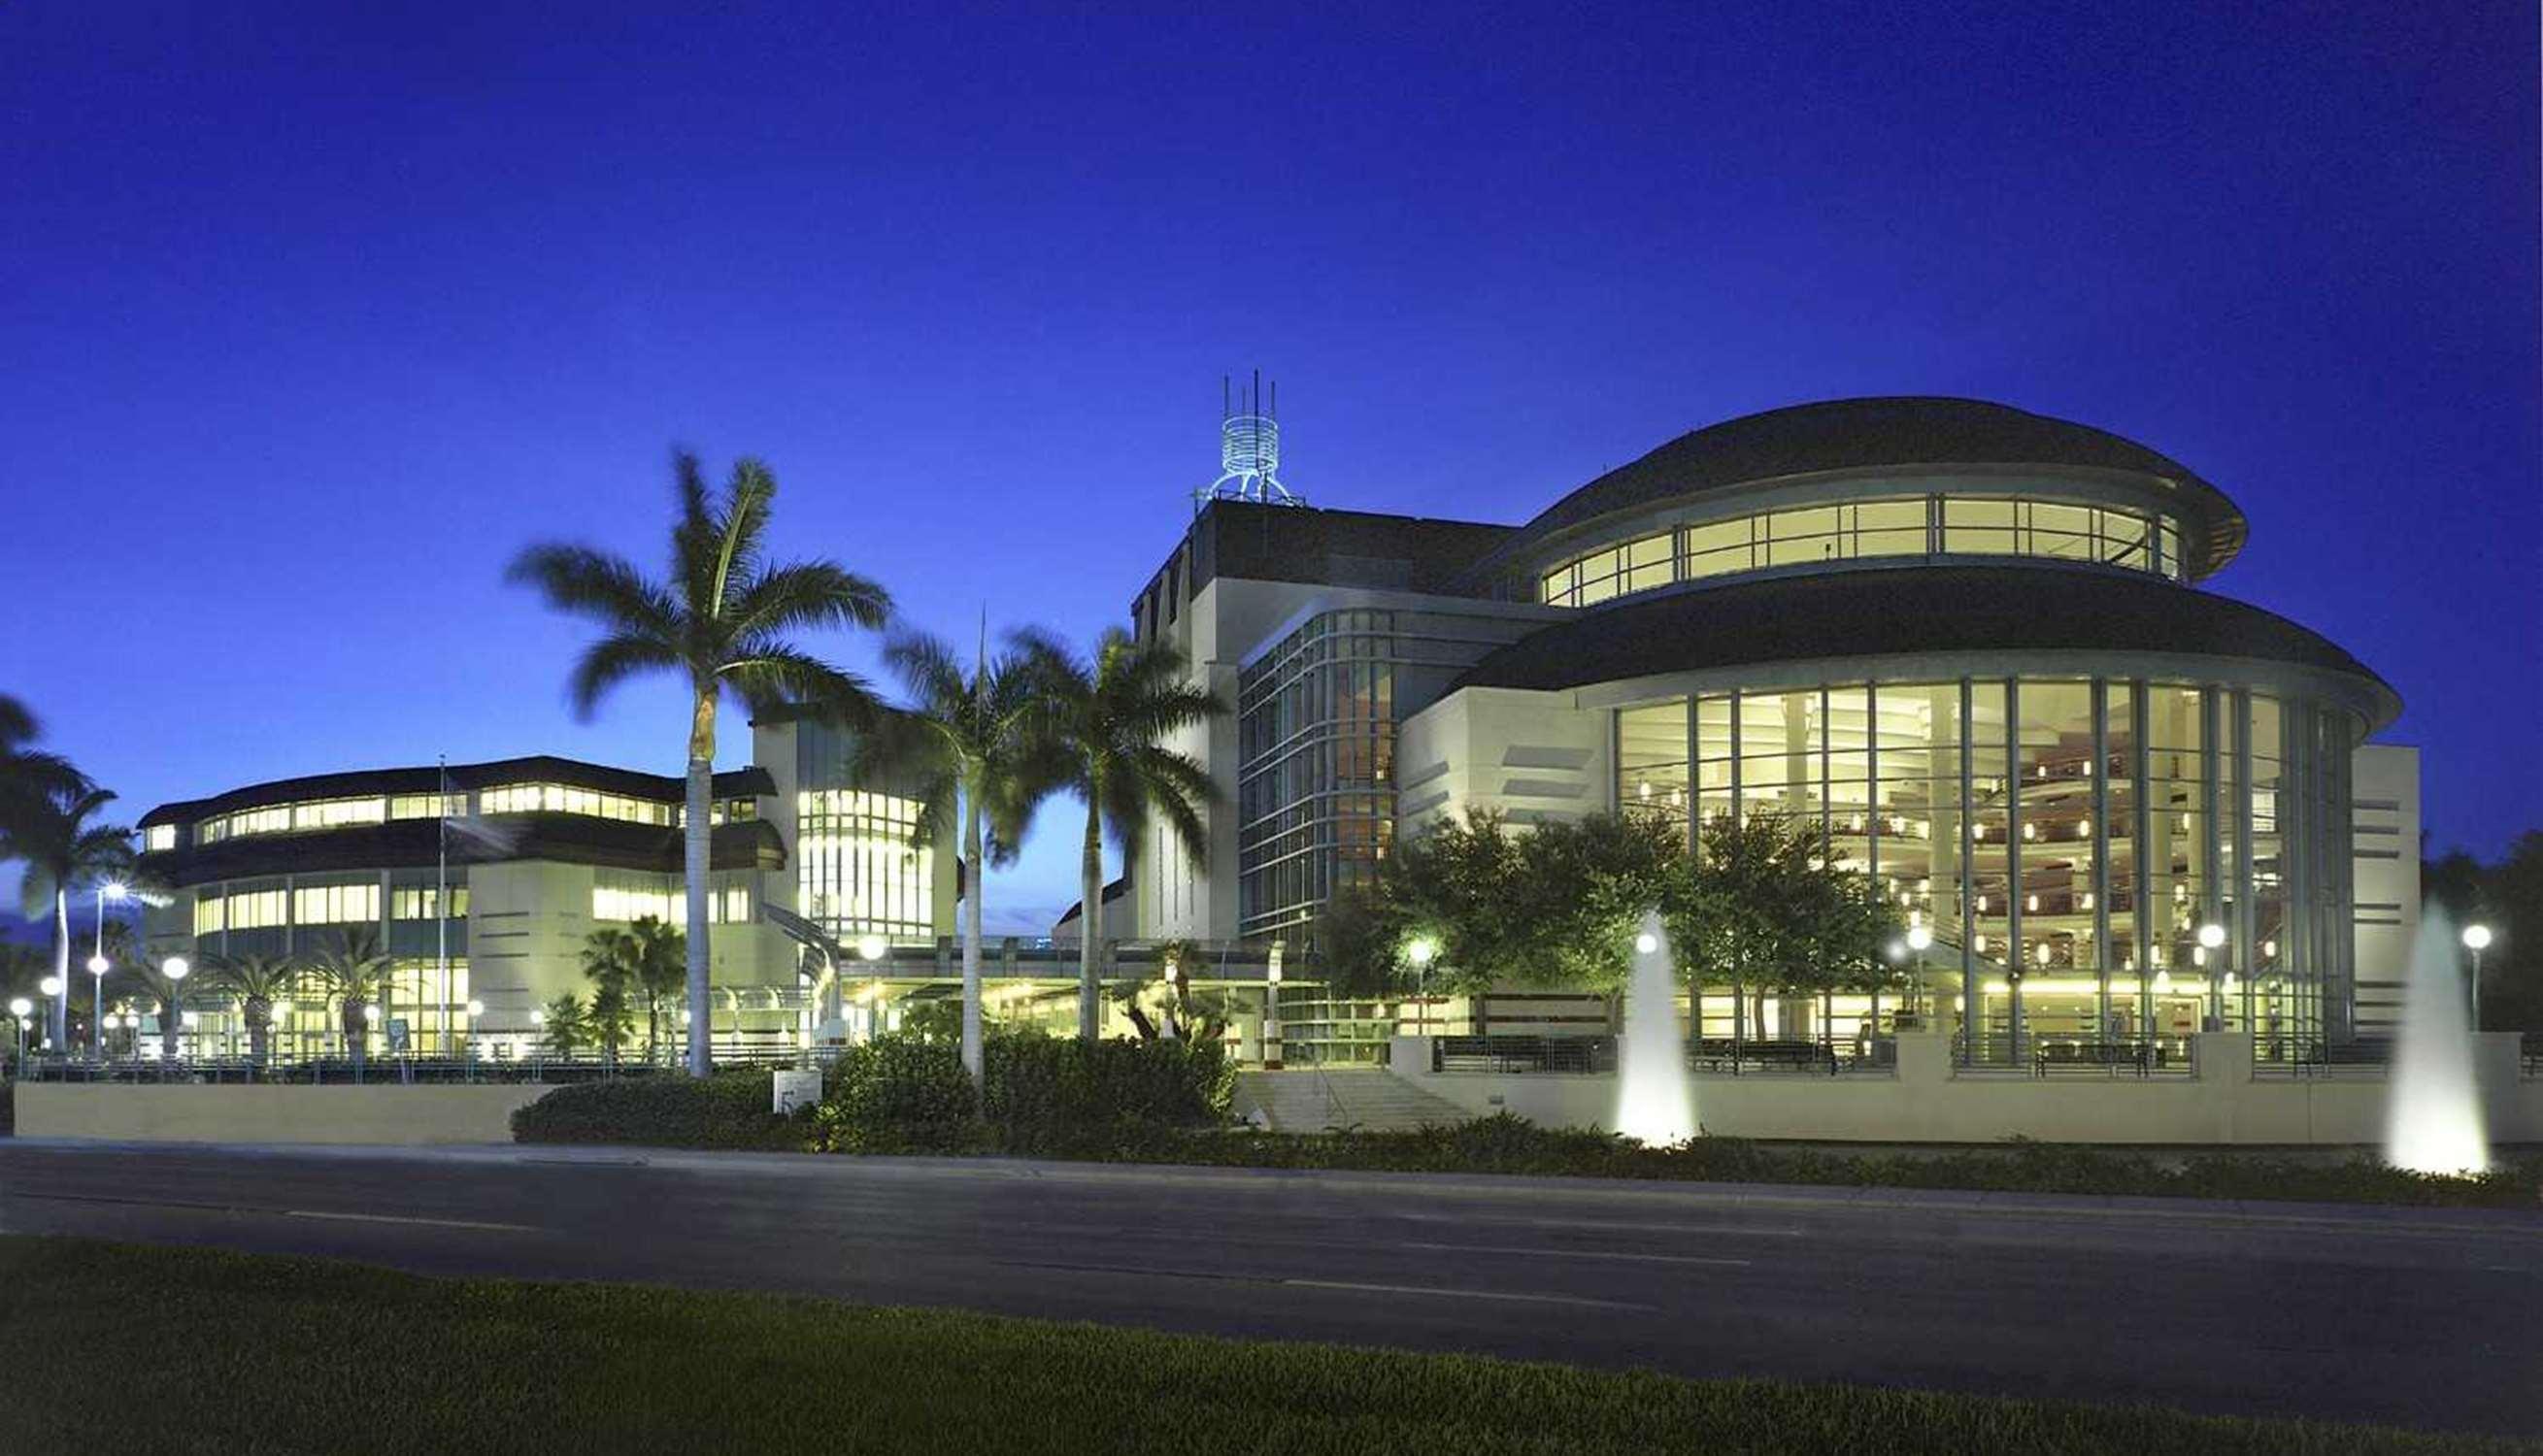 Hilton Garden Inn Boca Raton image 2